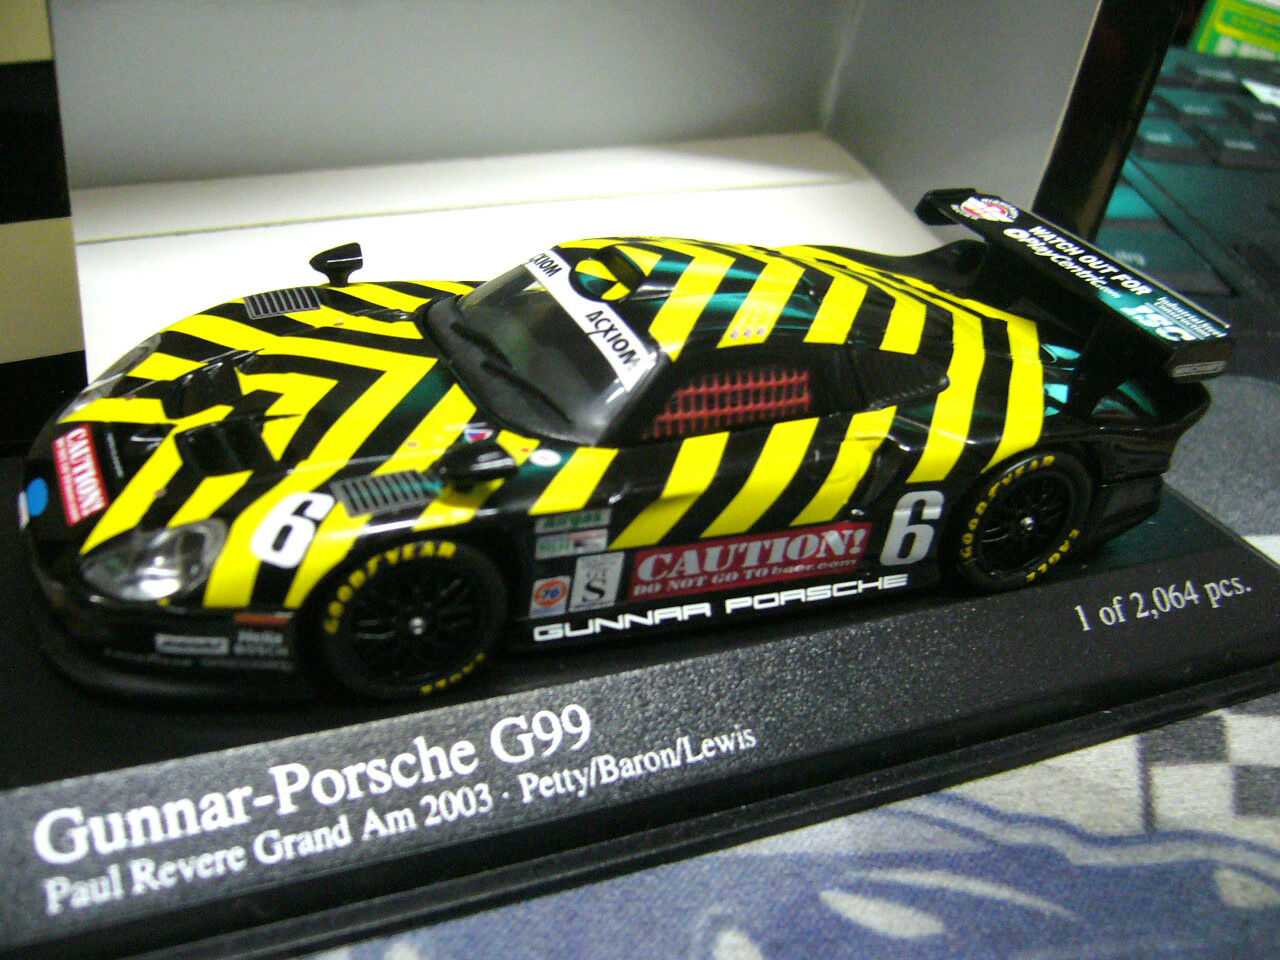 Envío y cambio gratis. Porsche 911 gt1 Gunnar Gunnar Gunnar g99 2003 Caution  Petty lewis  6 Minichamps pma 1 43  punto de venta de la marca